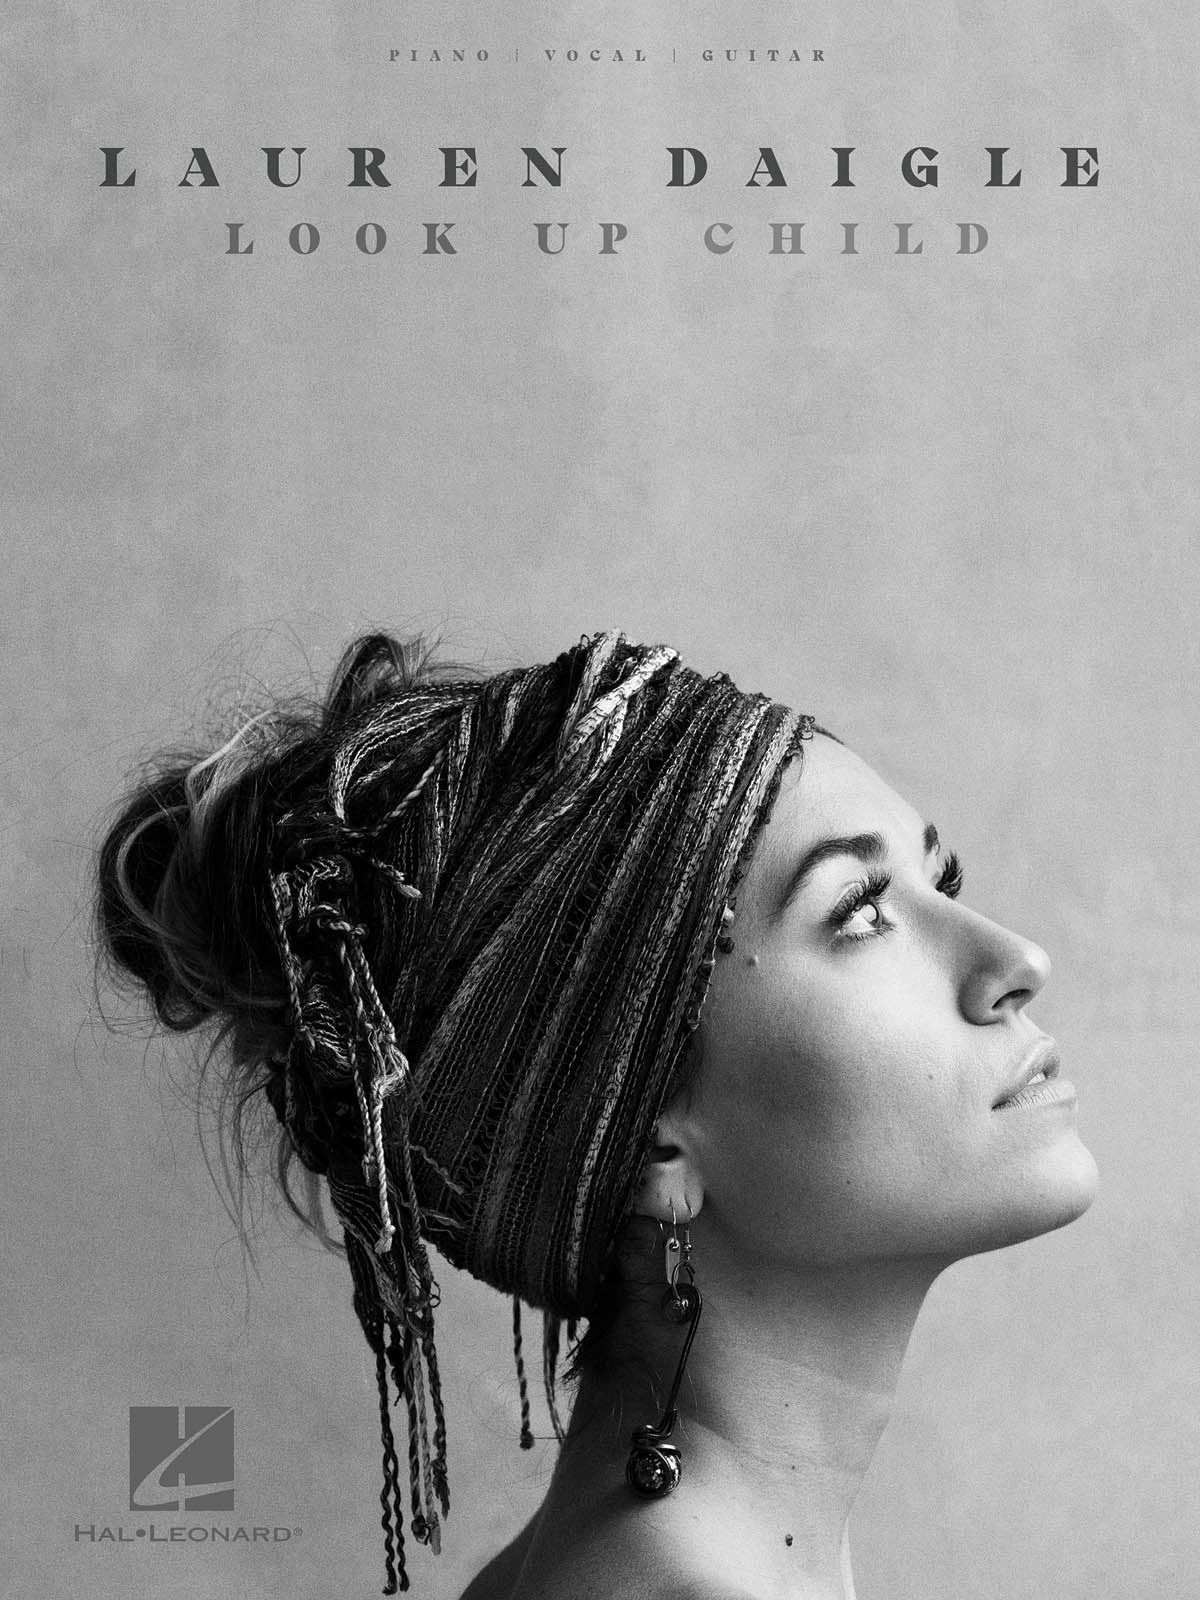 Lauren Daigle: Lauren Daigle - Look Up Child: Piano  Vocal and Guitar: Album